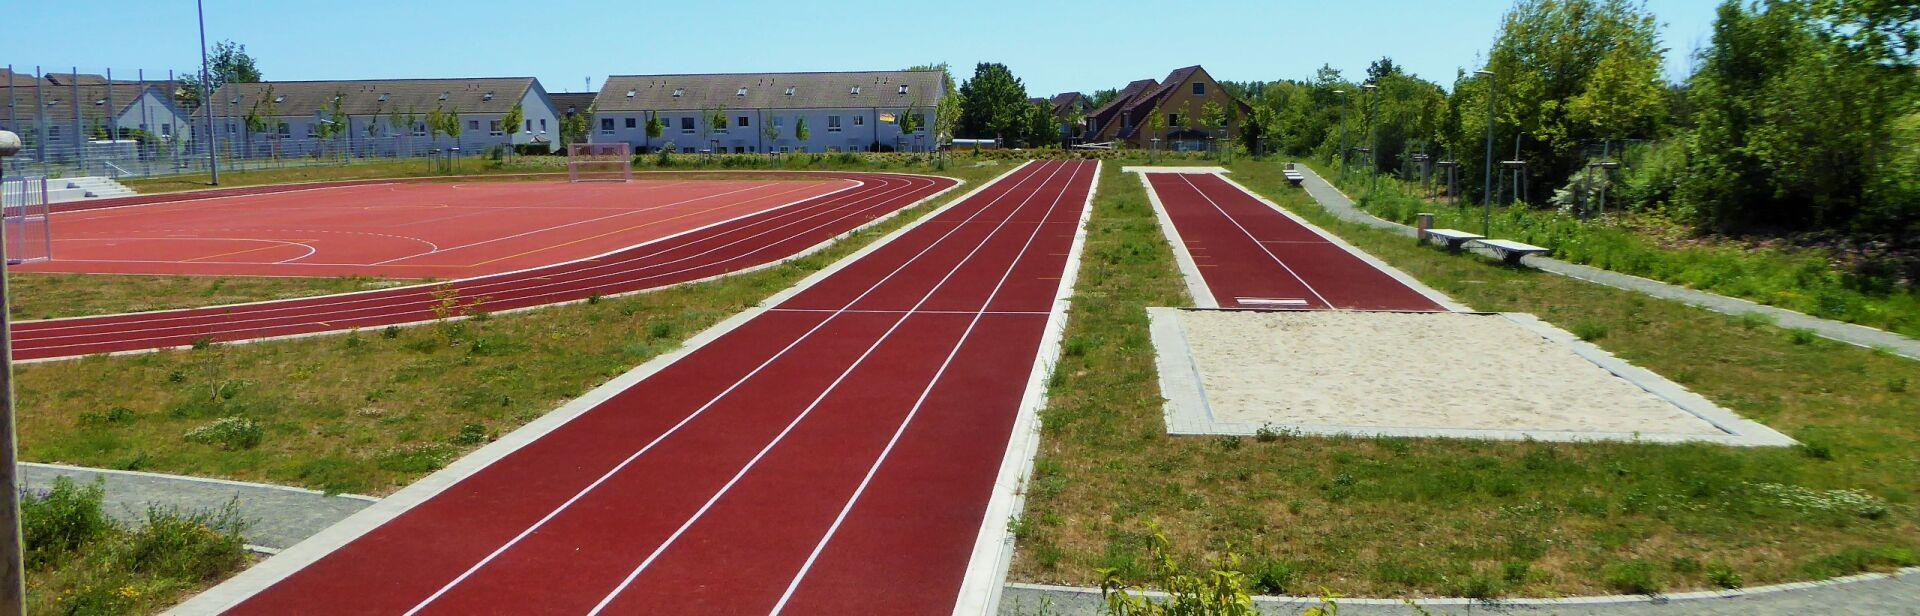 Sportplatz der Gebrüder-Grimm-Grundschule